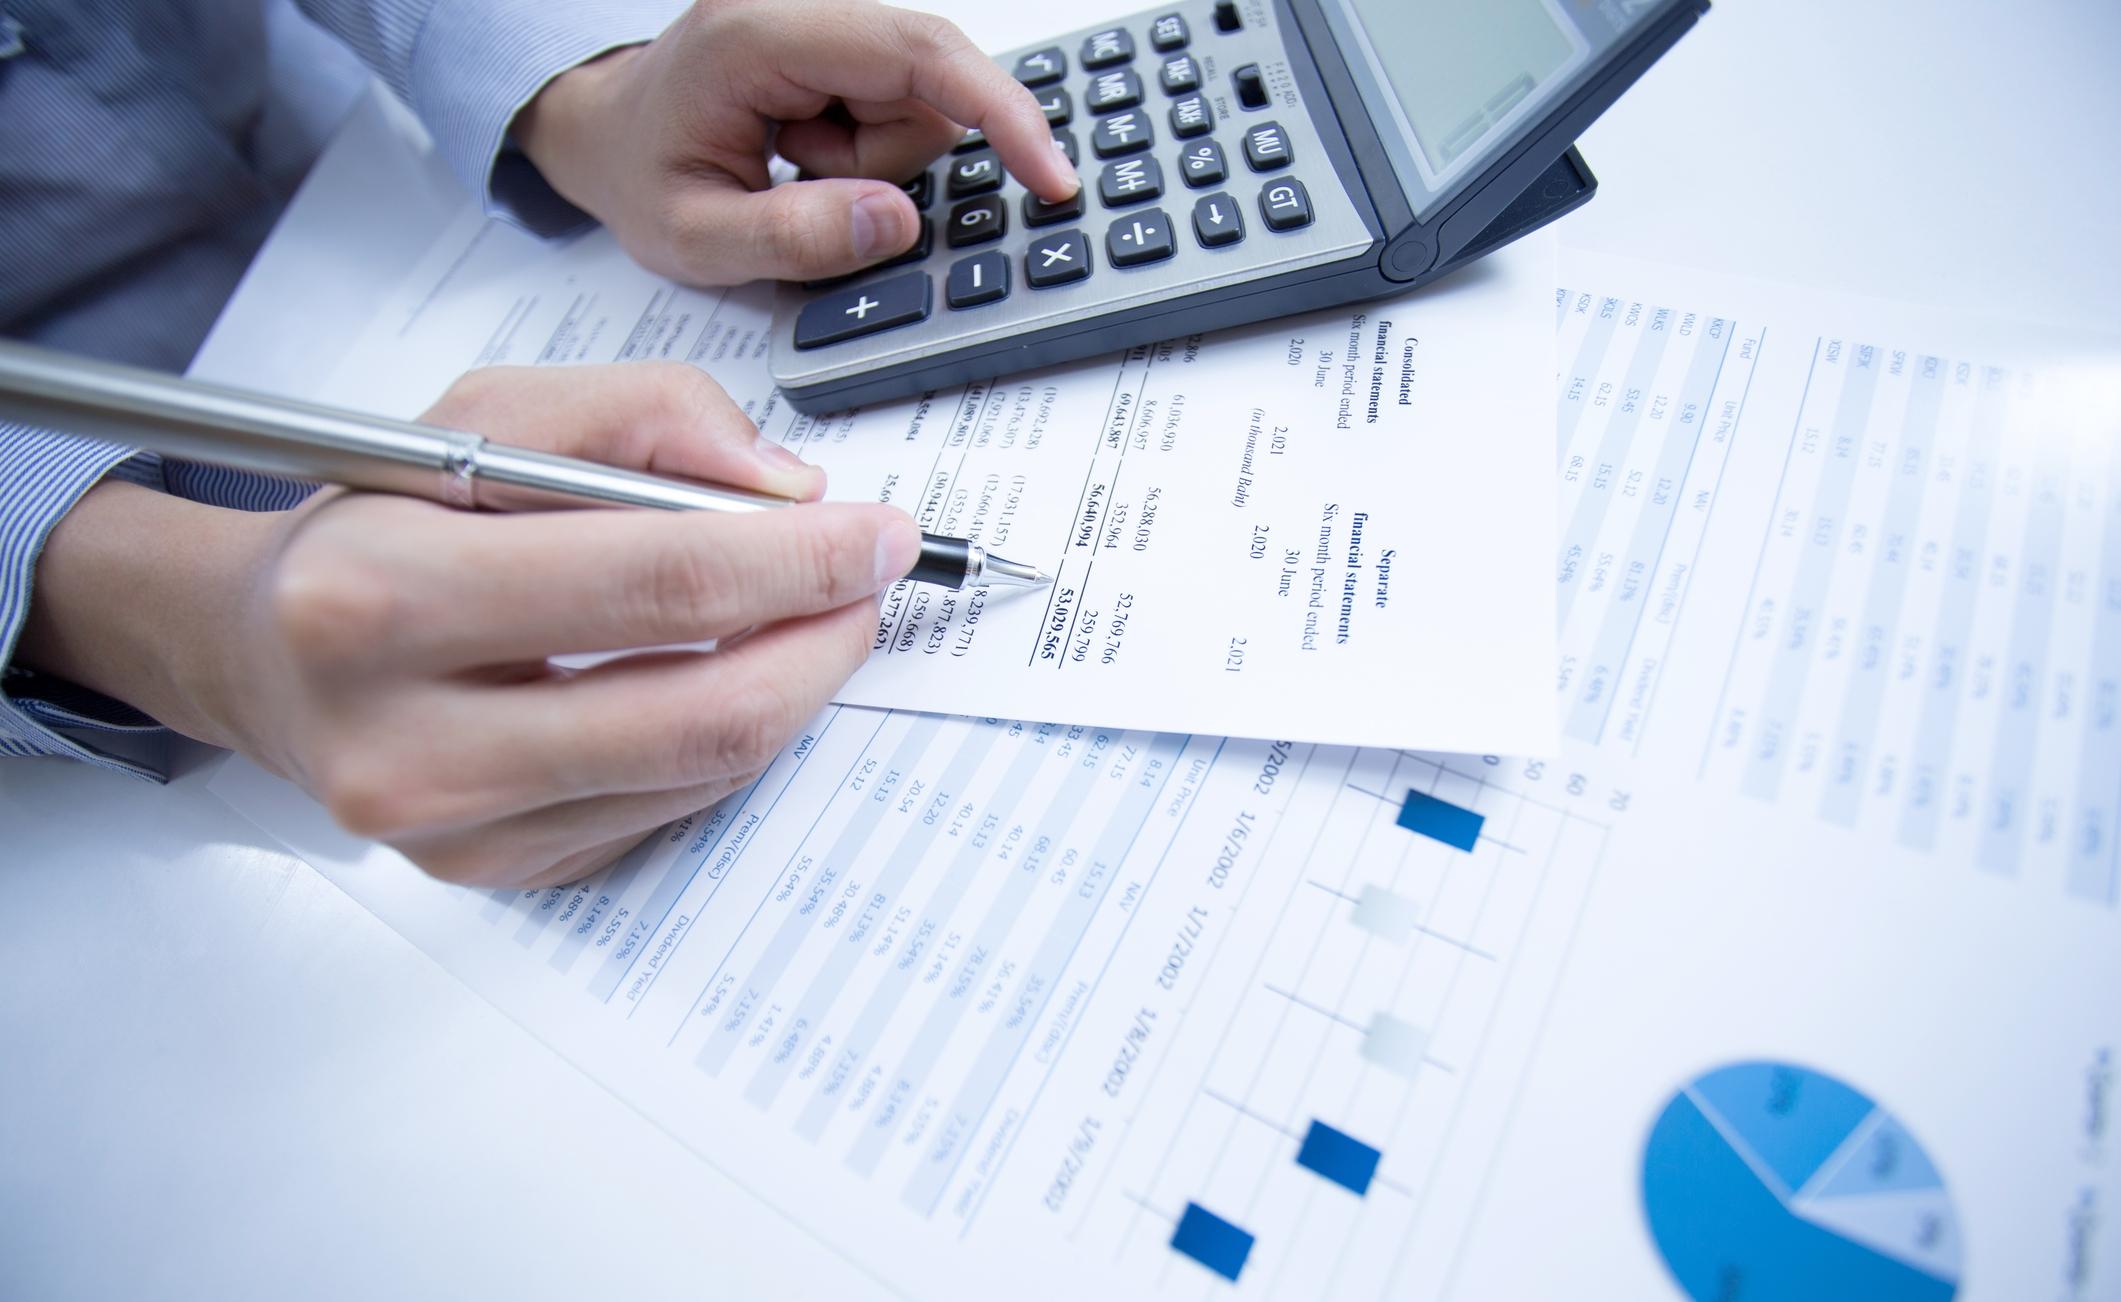 2016թ. արտարժույթների նկատմամբ ՀՀ դրամի փոխարժեքի տատանումներից բանկերն ունեցել են 649 մլն դրամ օգուտ